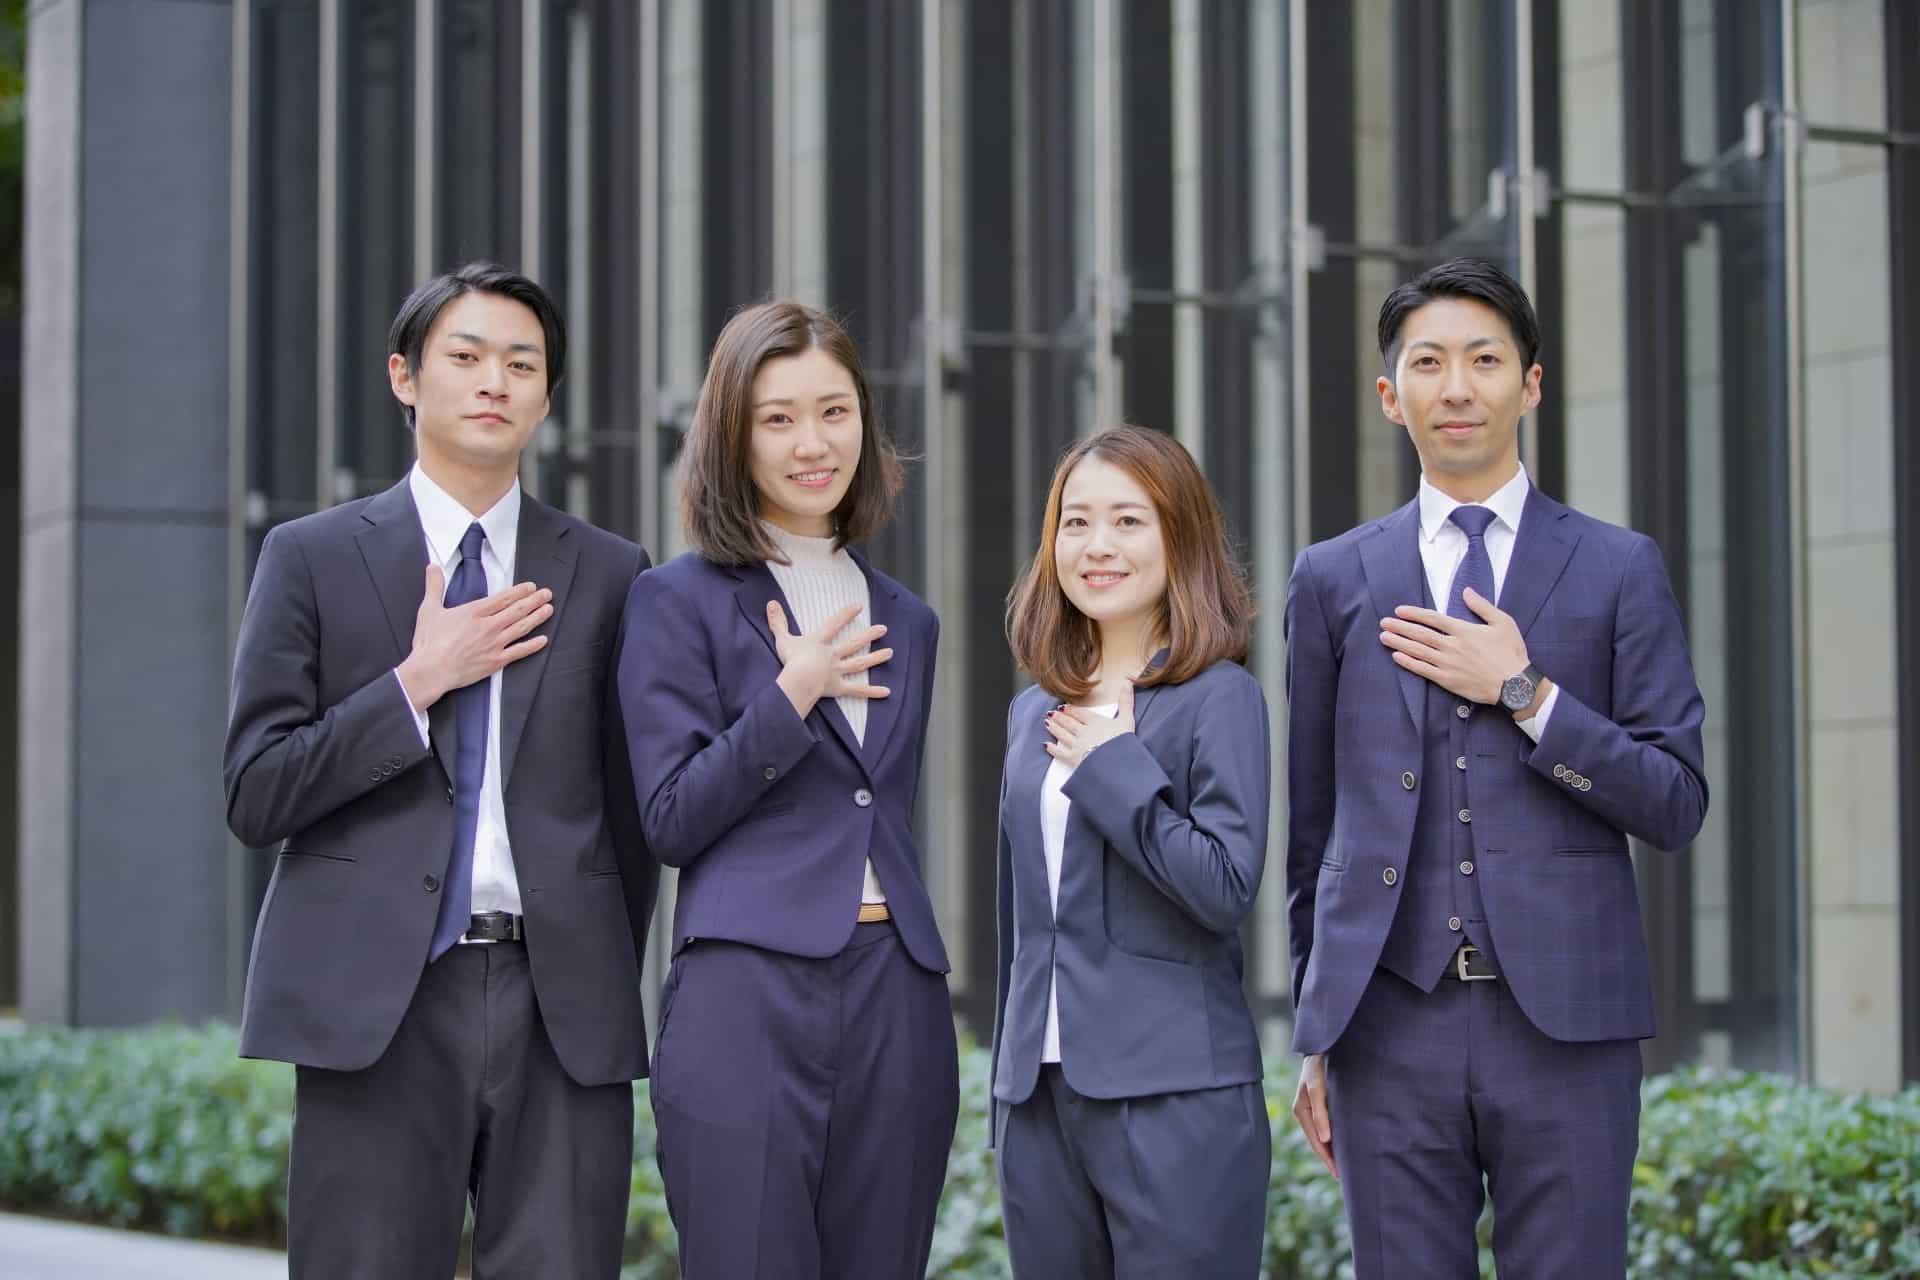 短大卒のフリーターは就職できる【就活方法とおすすめの仕事も紹介】